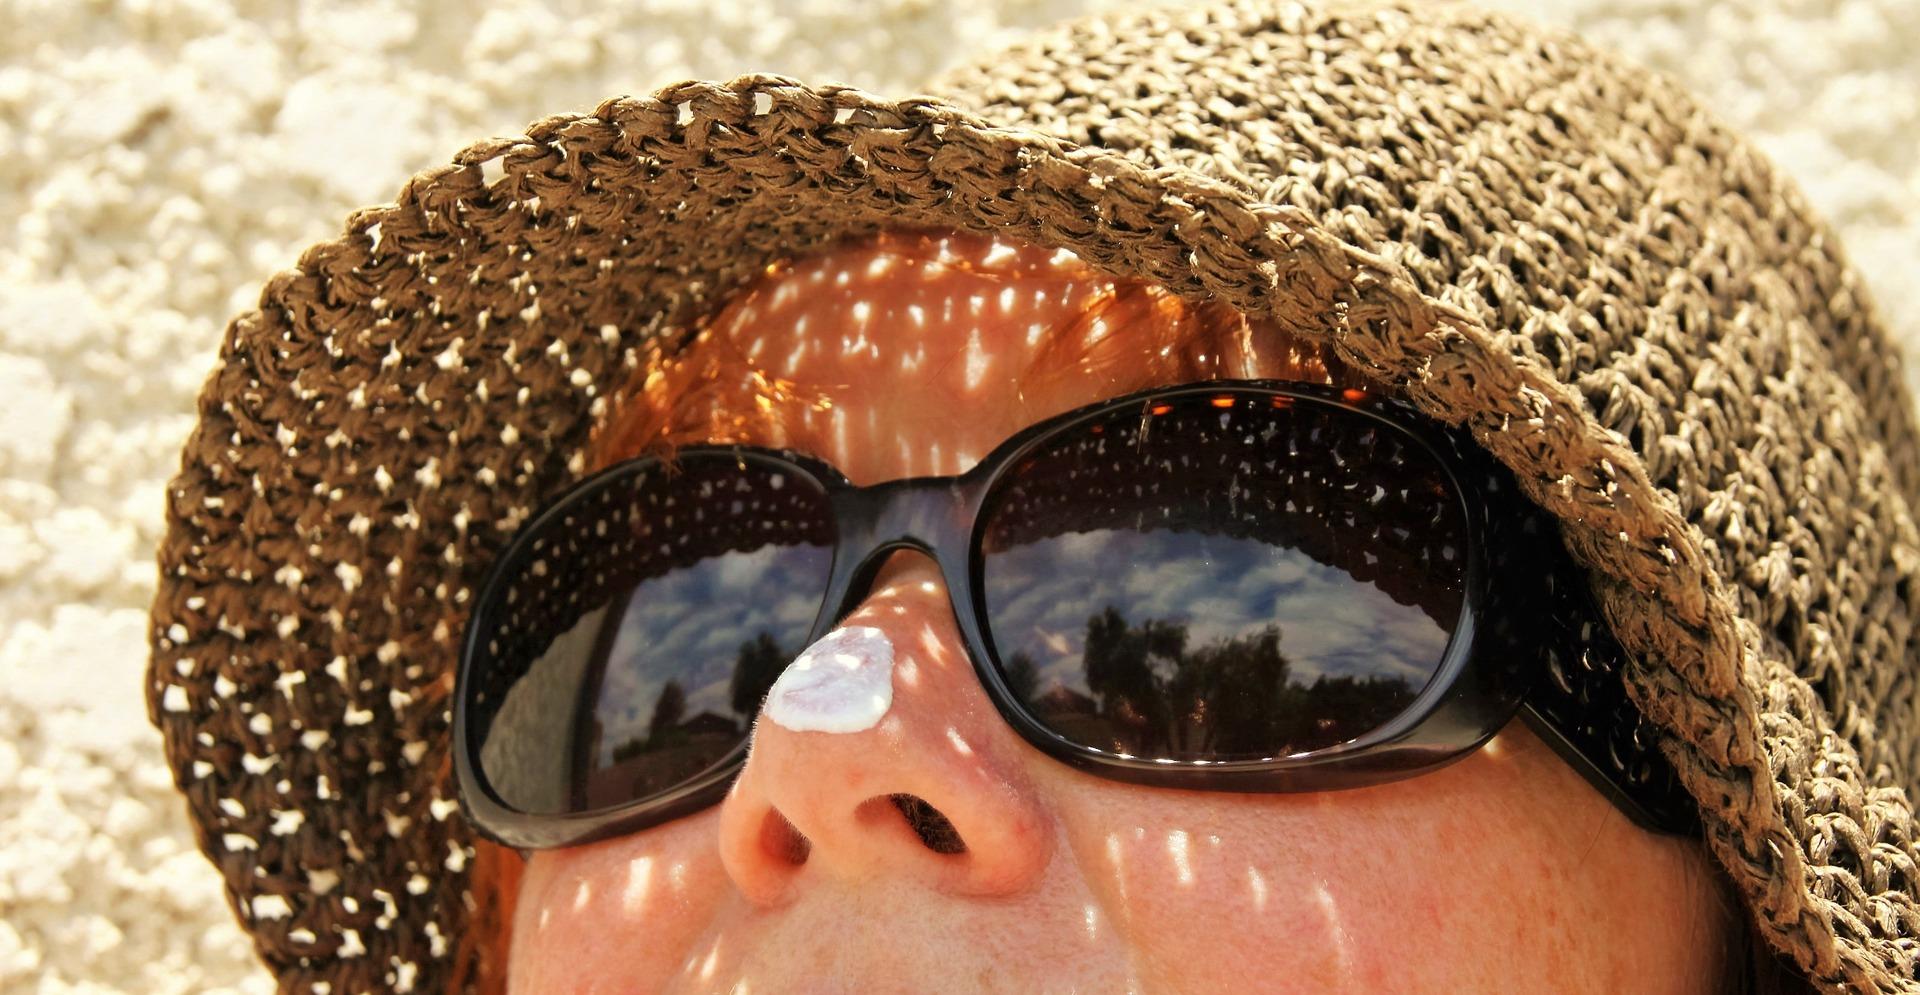 Hautpflege ist für viele Frauen ein wichtiges Thema